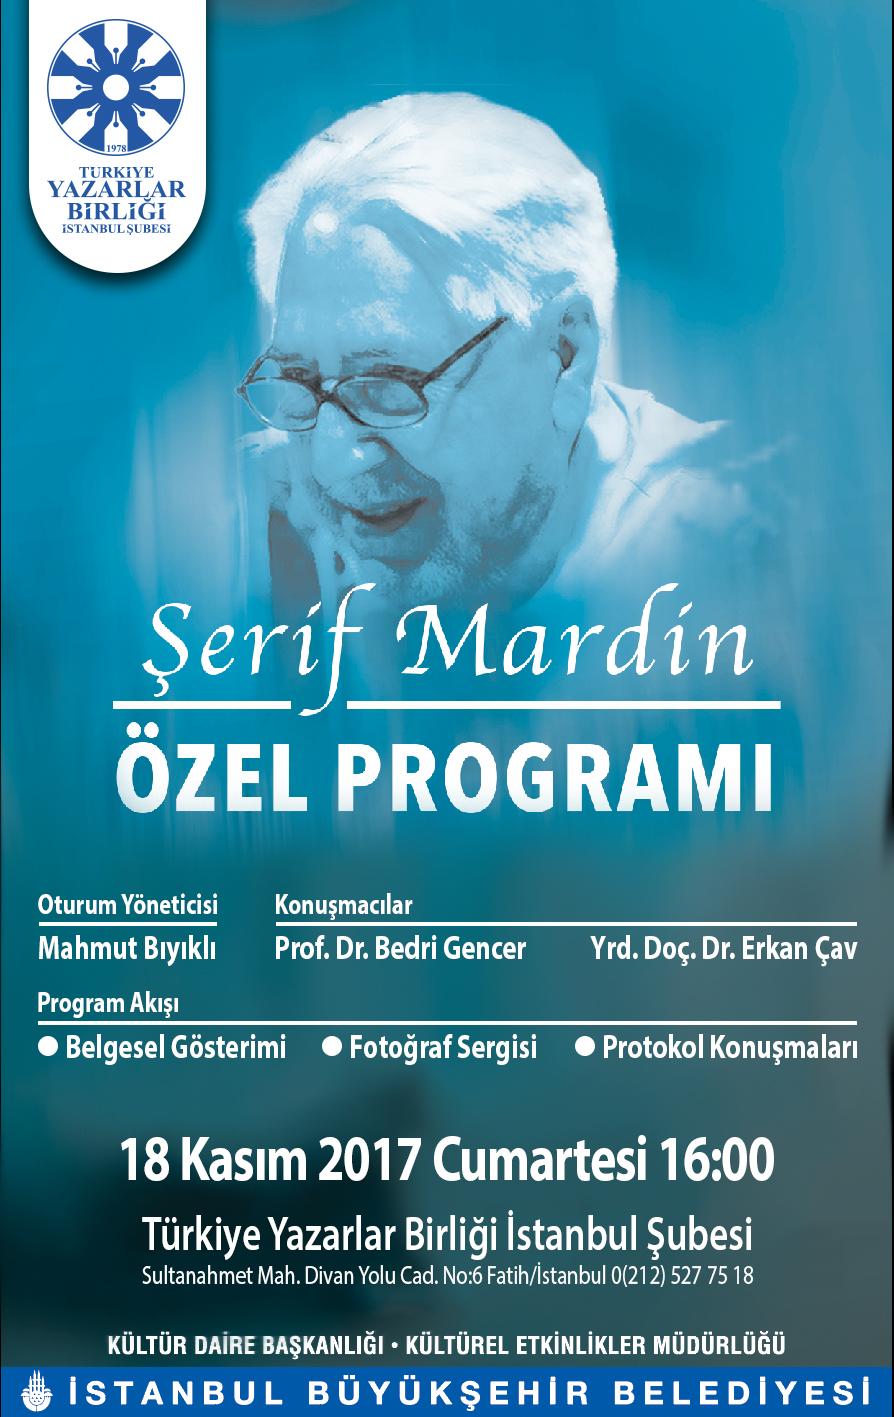 TYB İstanbul'da Şerif Mardin Anılacak